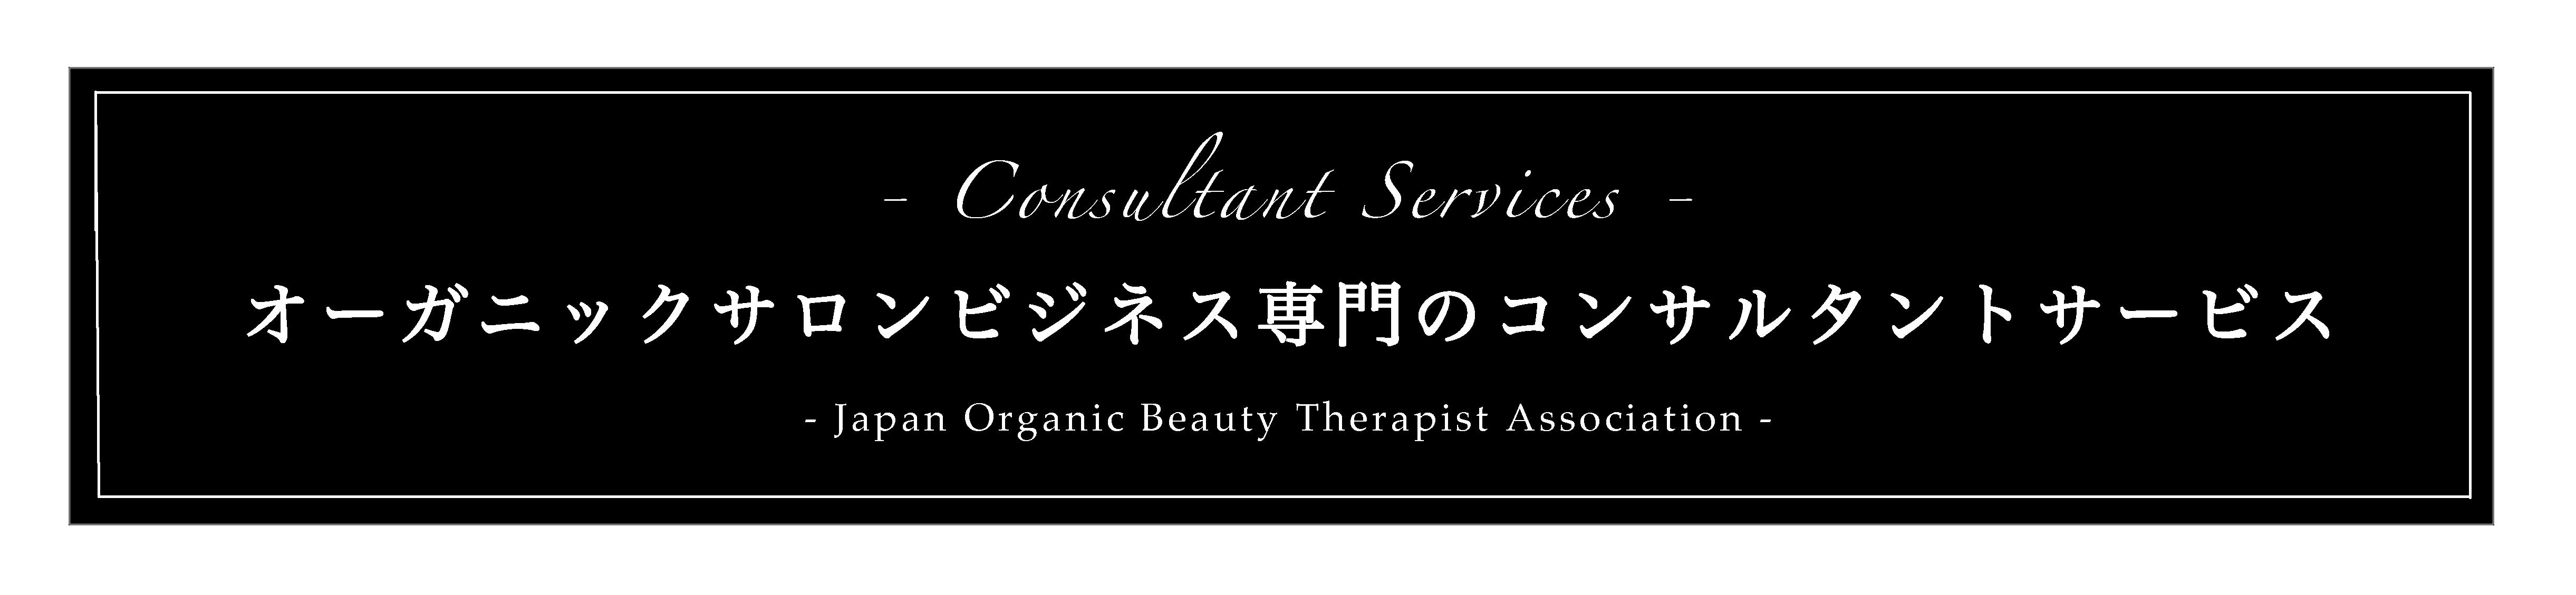 オーガニックサロンビジネス専門のコンサルタントサービス